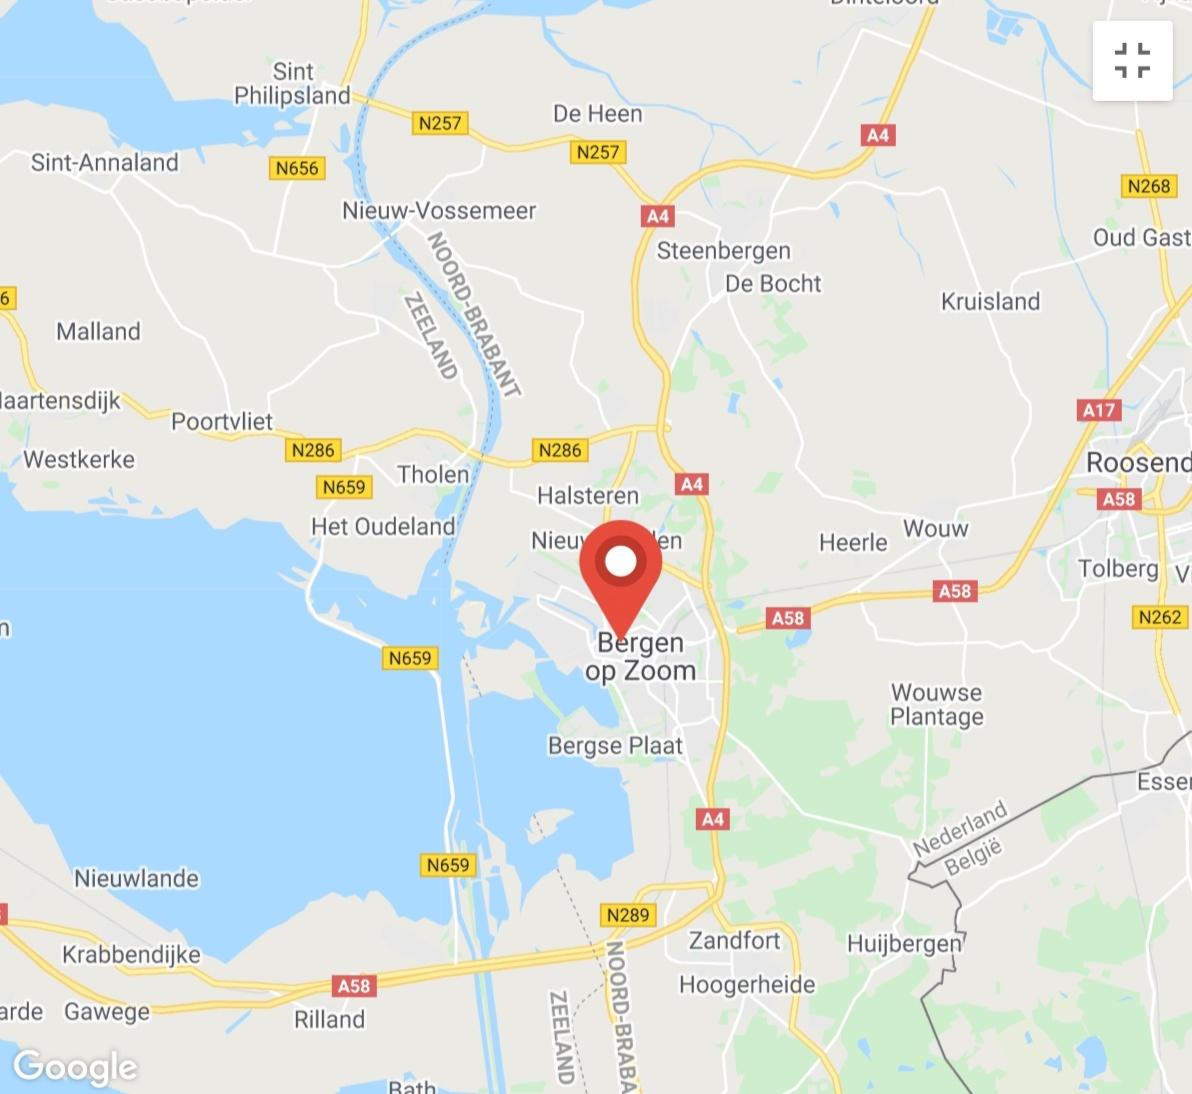 Kaart coronatest-bergenopzoom.com - Coronatest locaties Bergen op Zoom